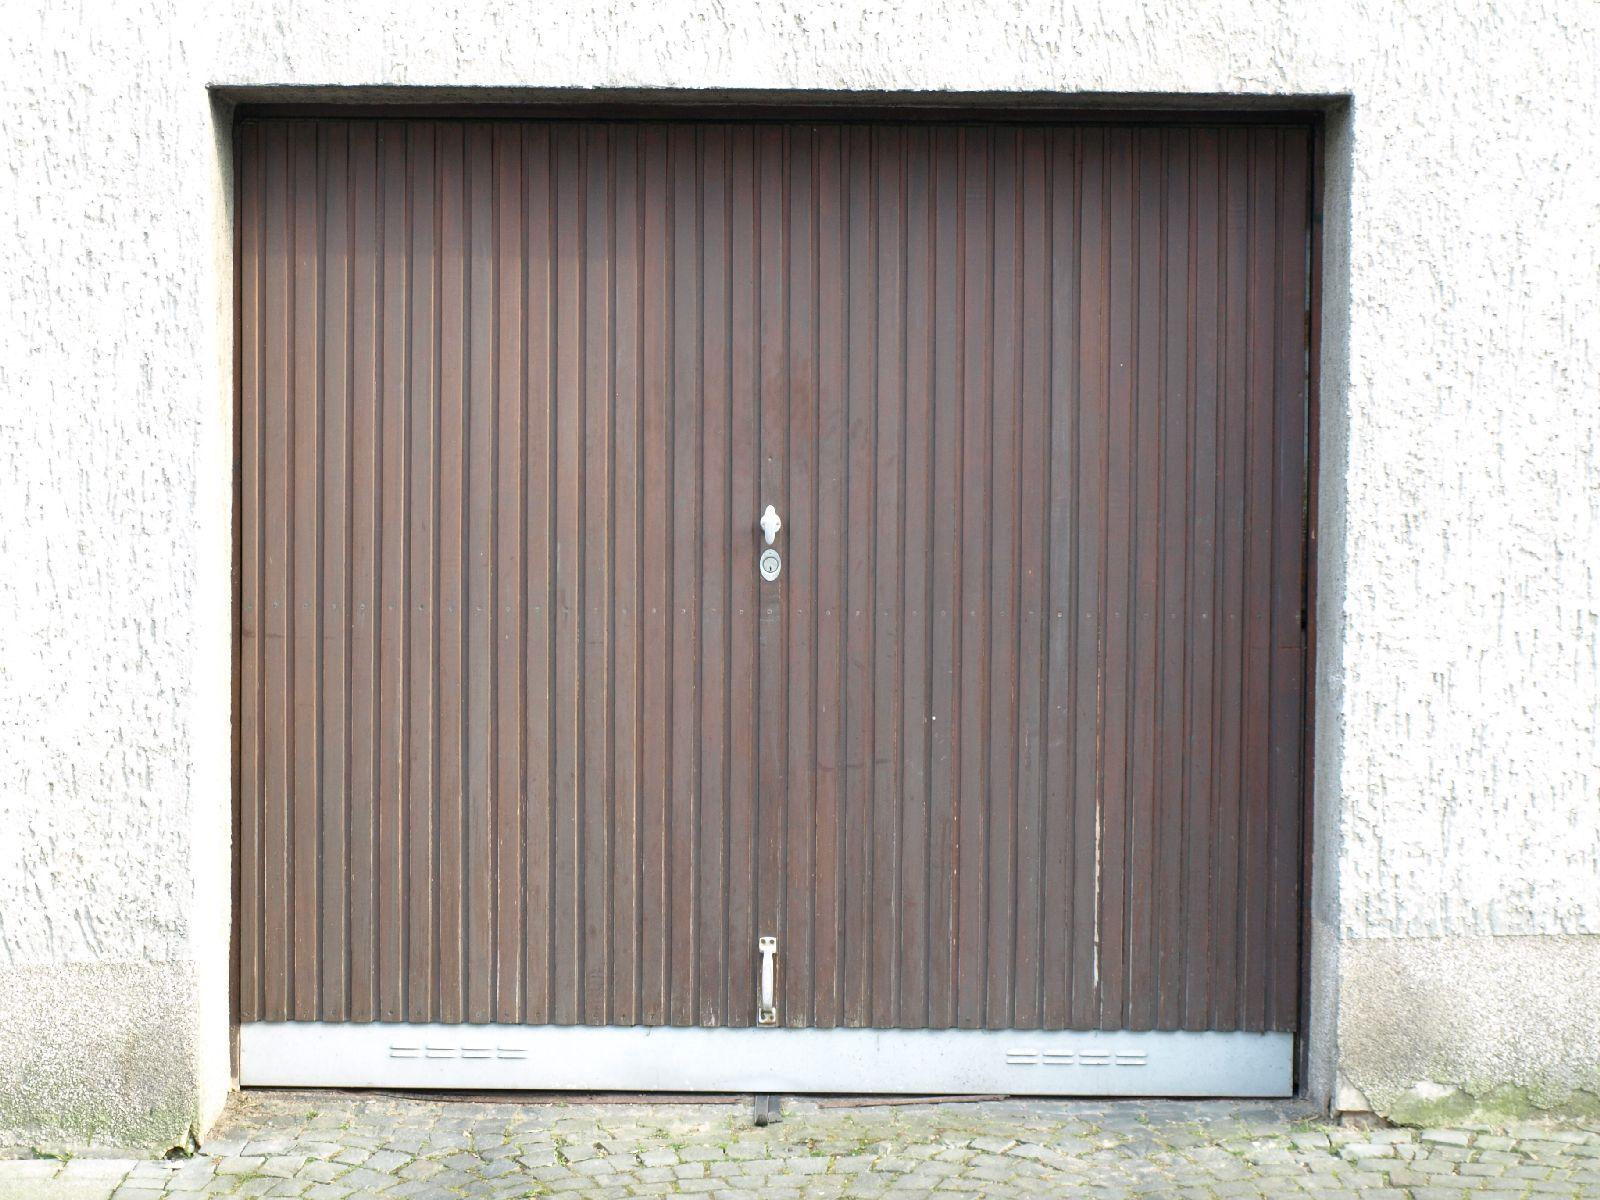 Building_Texture_A_P4120945